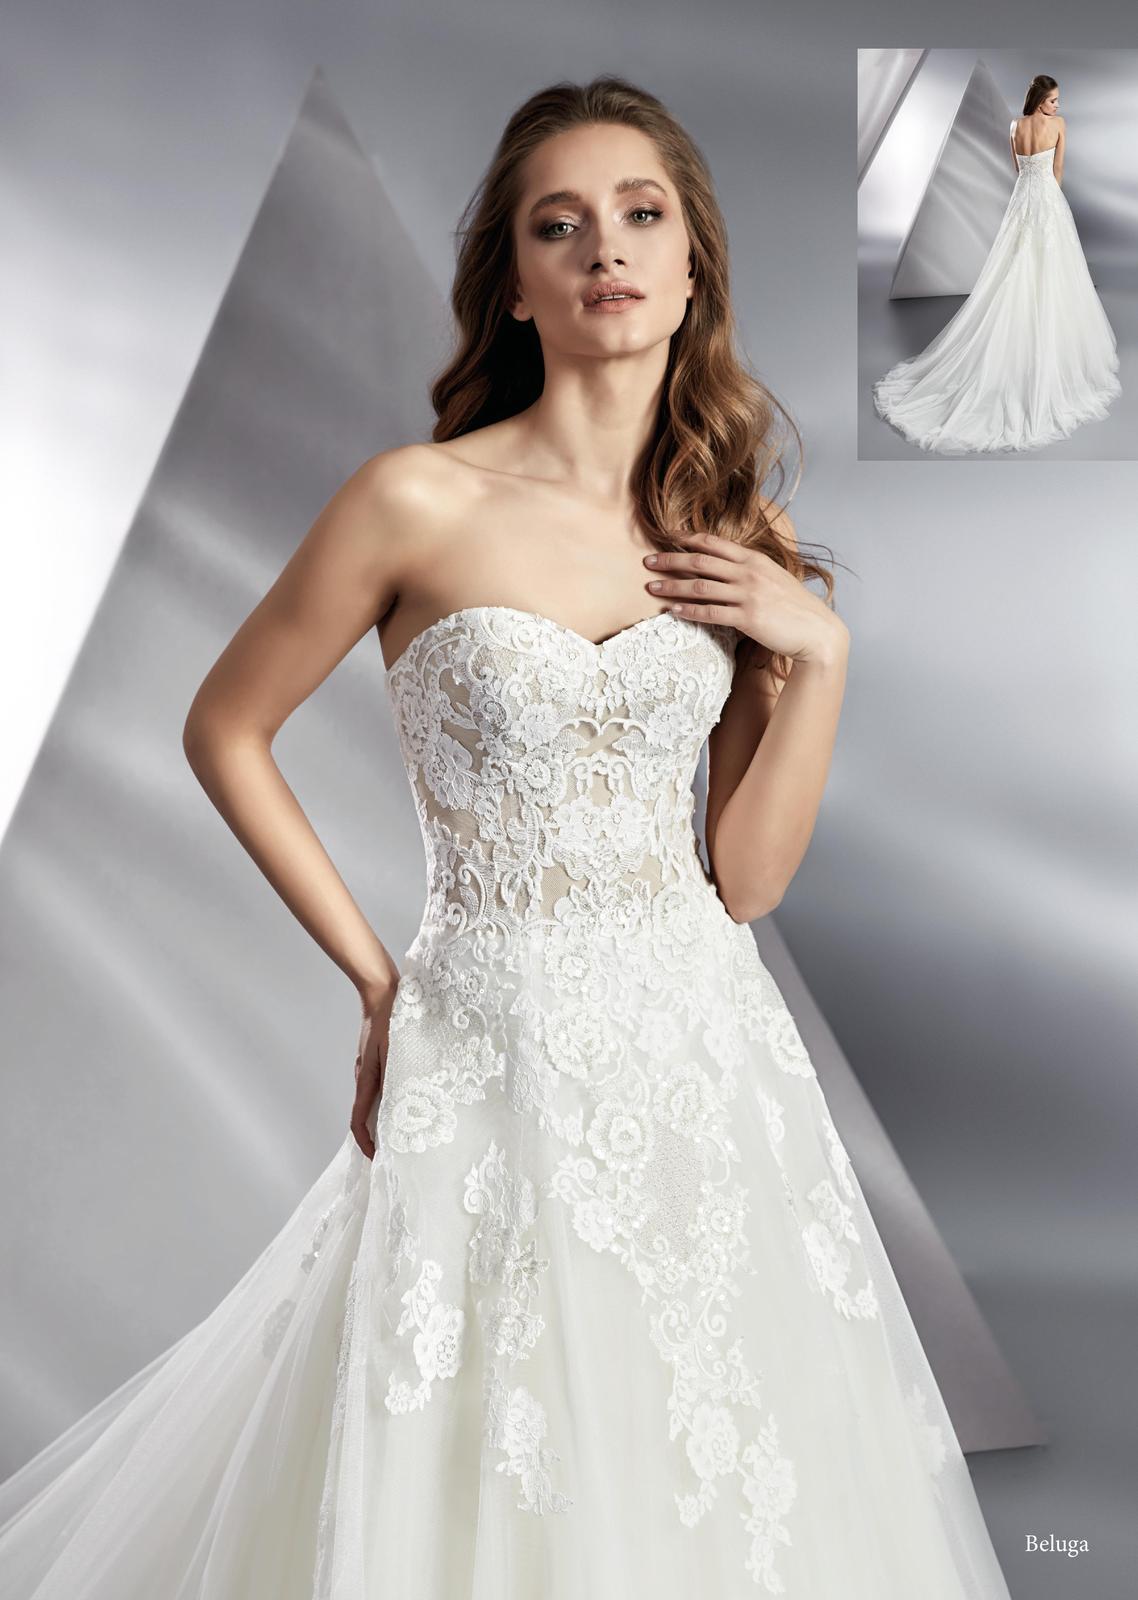 Milé nevěsty, kolekce Modeca 2018 na Vás již čeká! - Obrázek č. 5